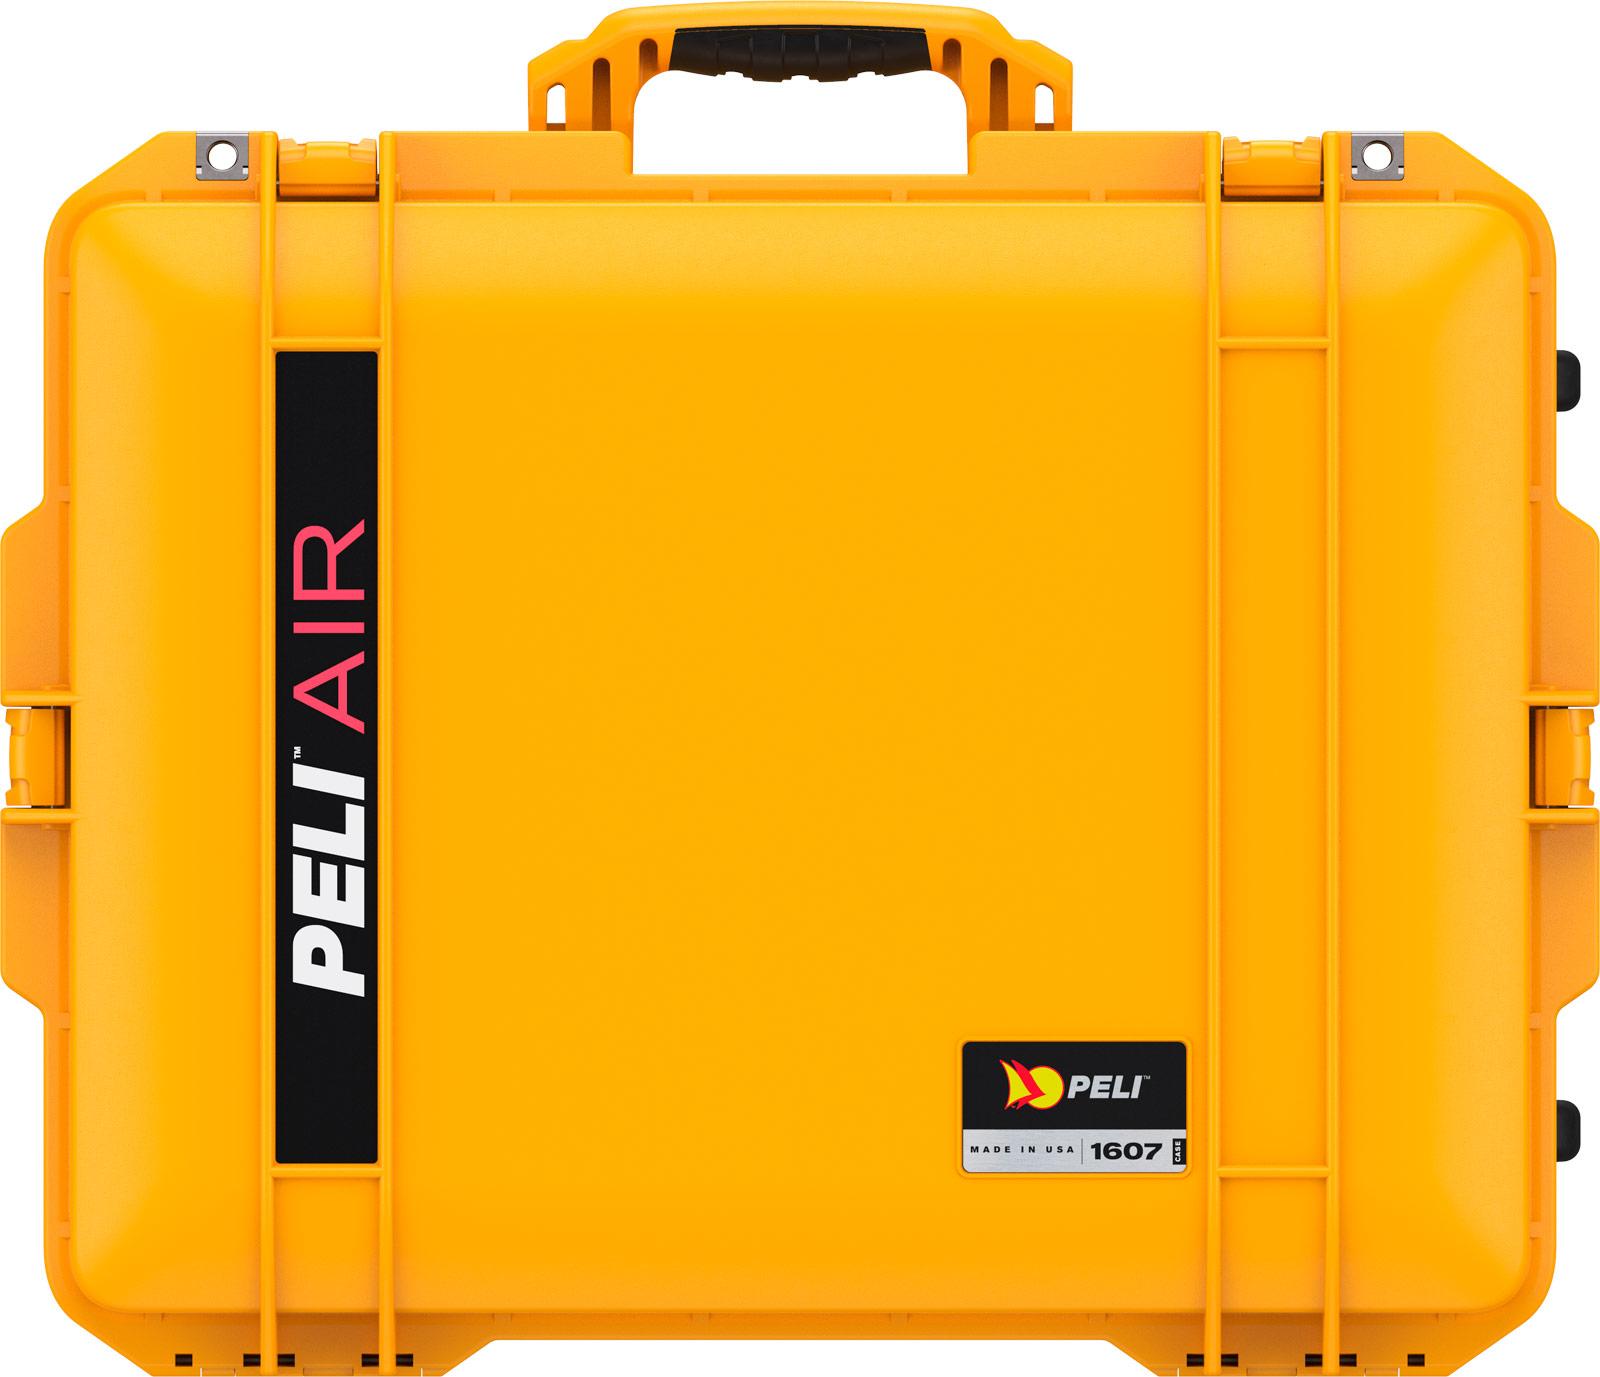 peli yellow 1607 air crushproof case